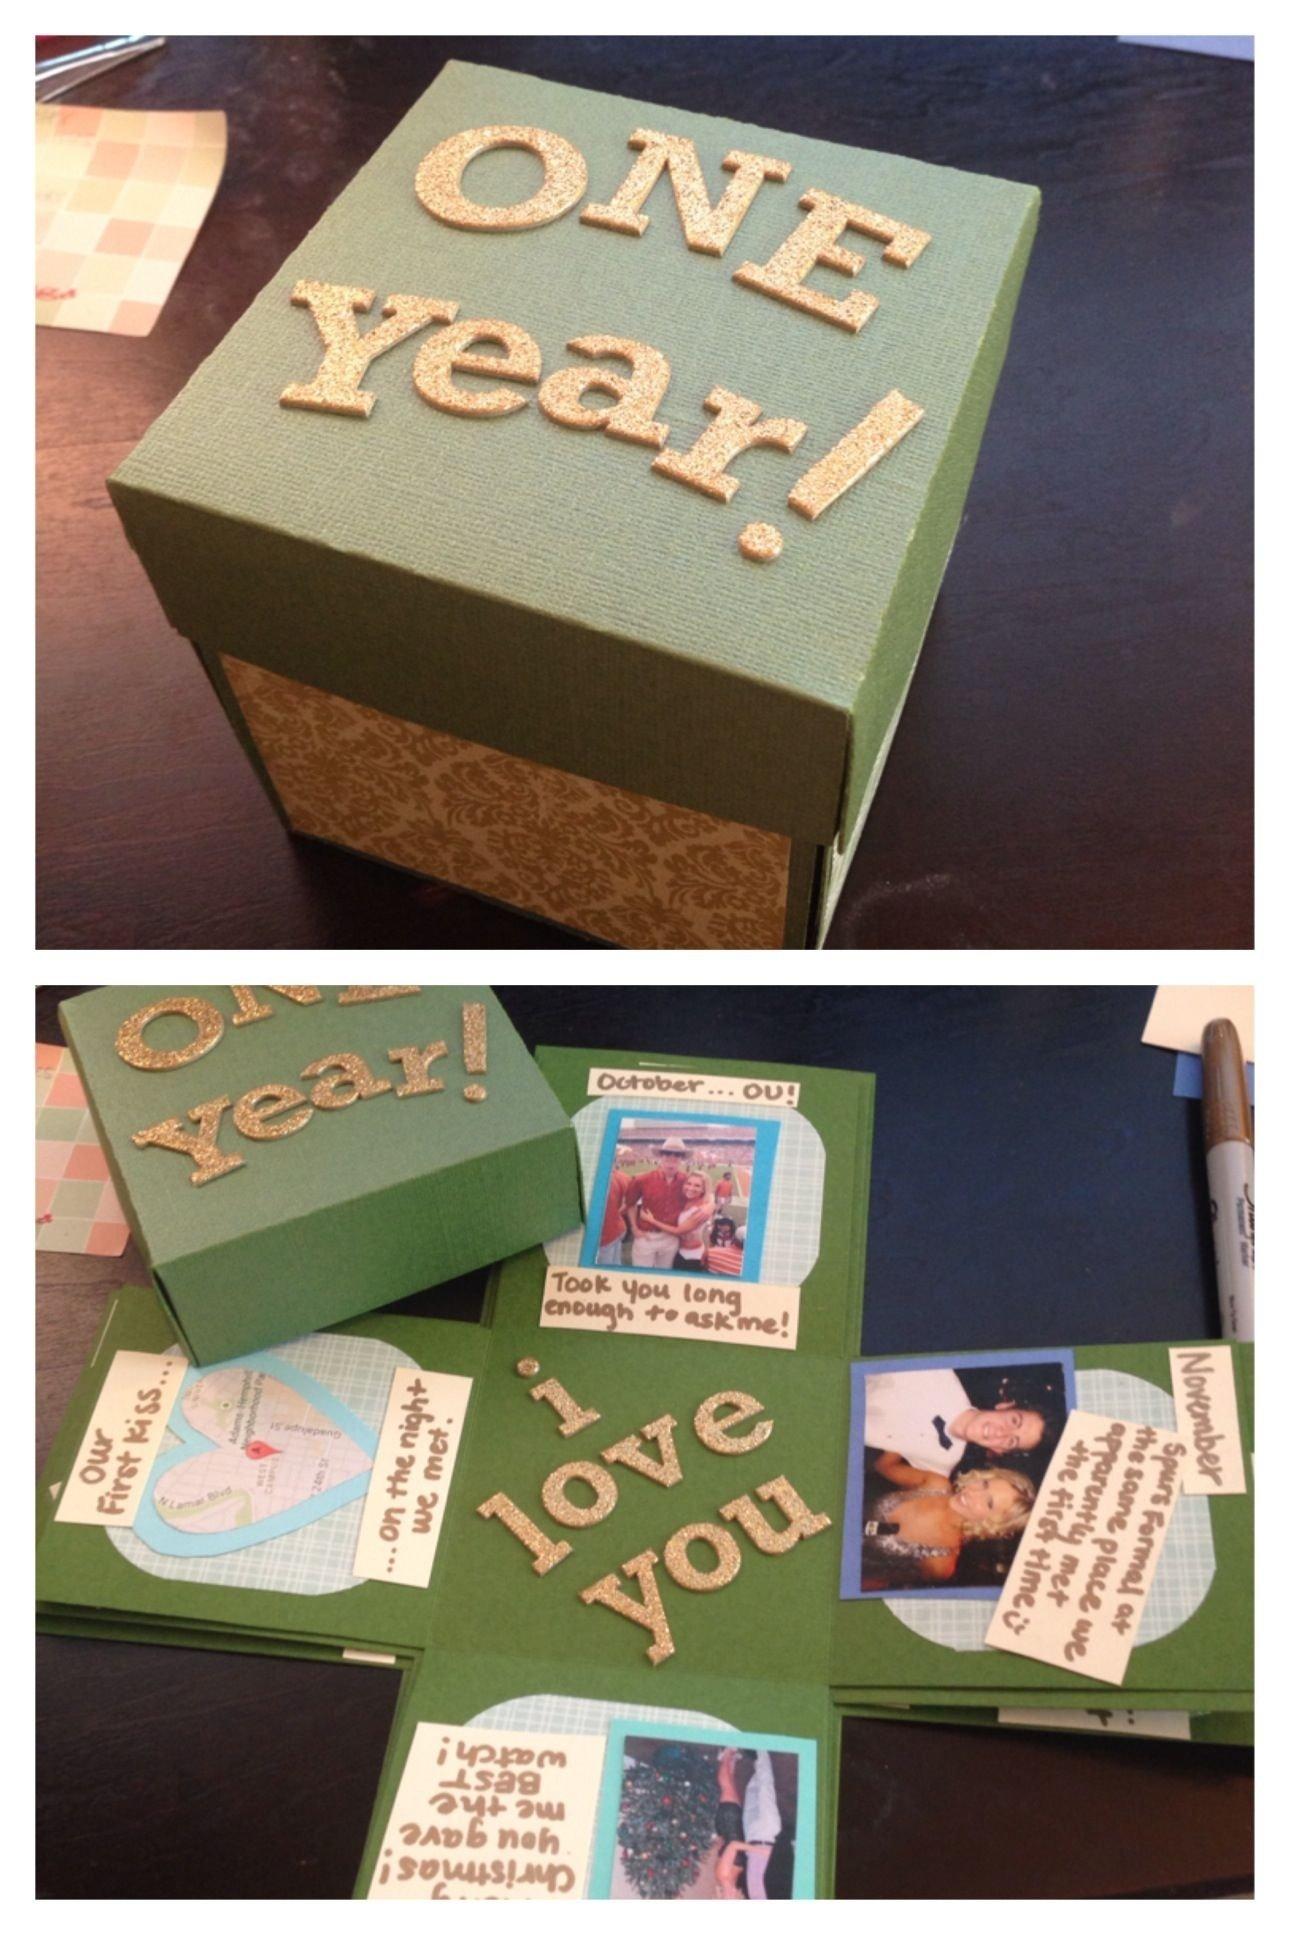 10 Great Cute One Year Anniversary Ideas 19 regalos de aniversario cursis que te convertiran en la mejor 15 2021